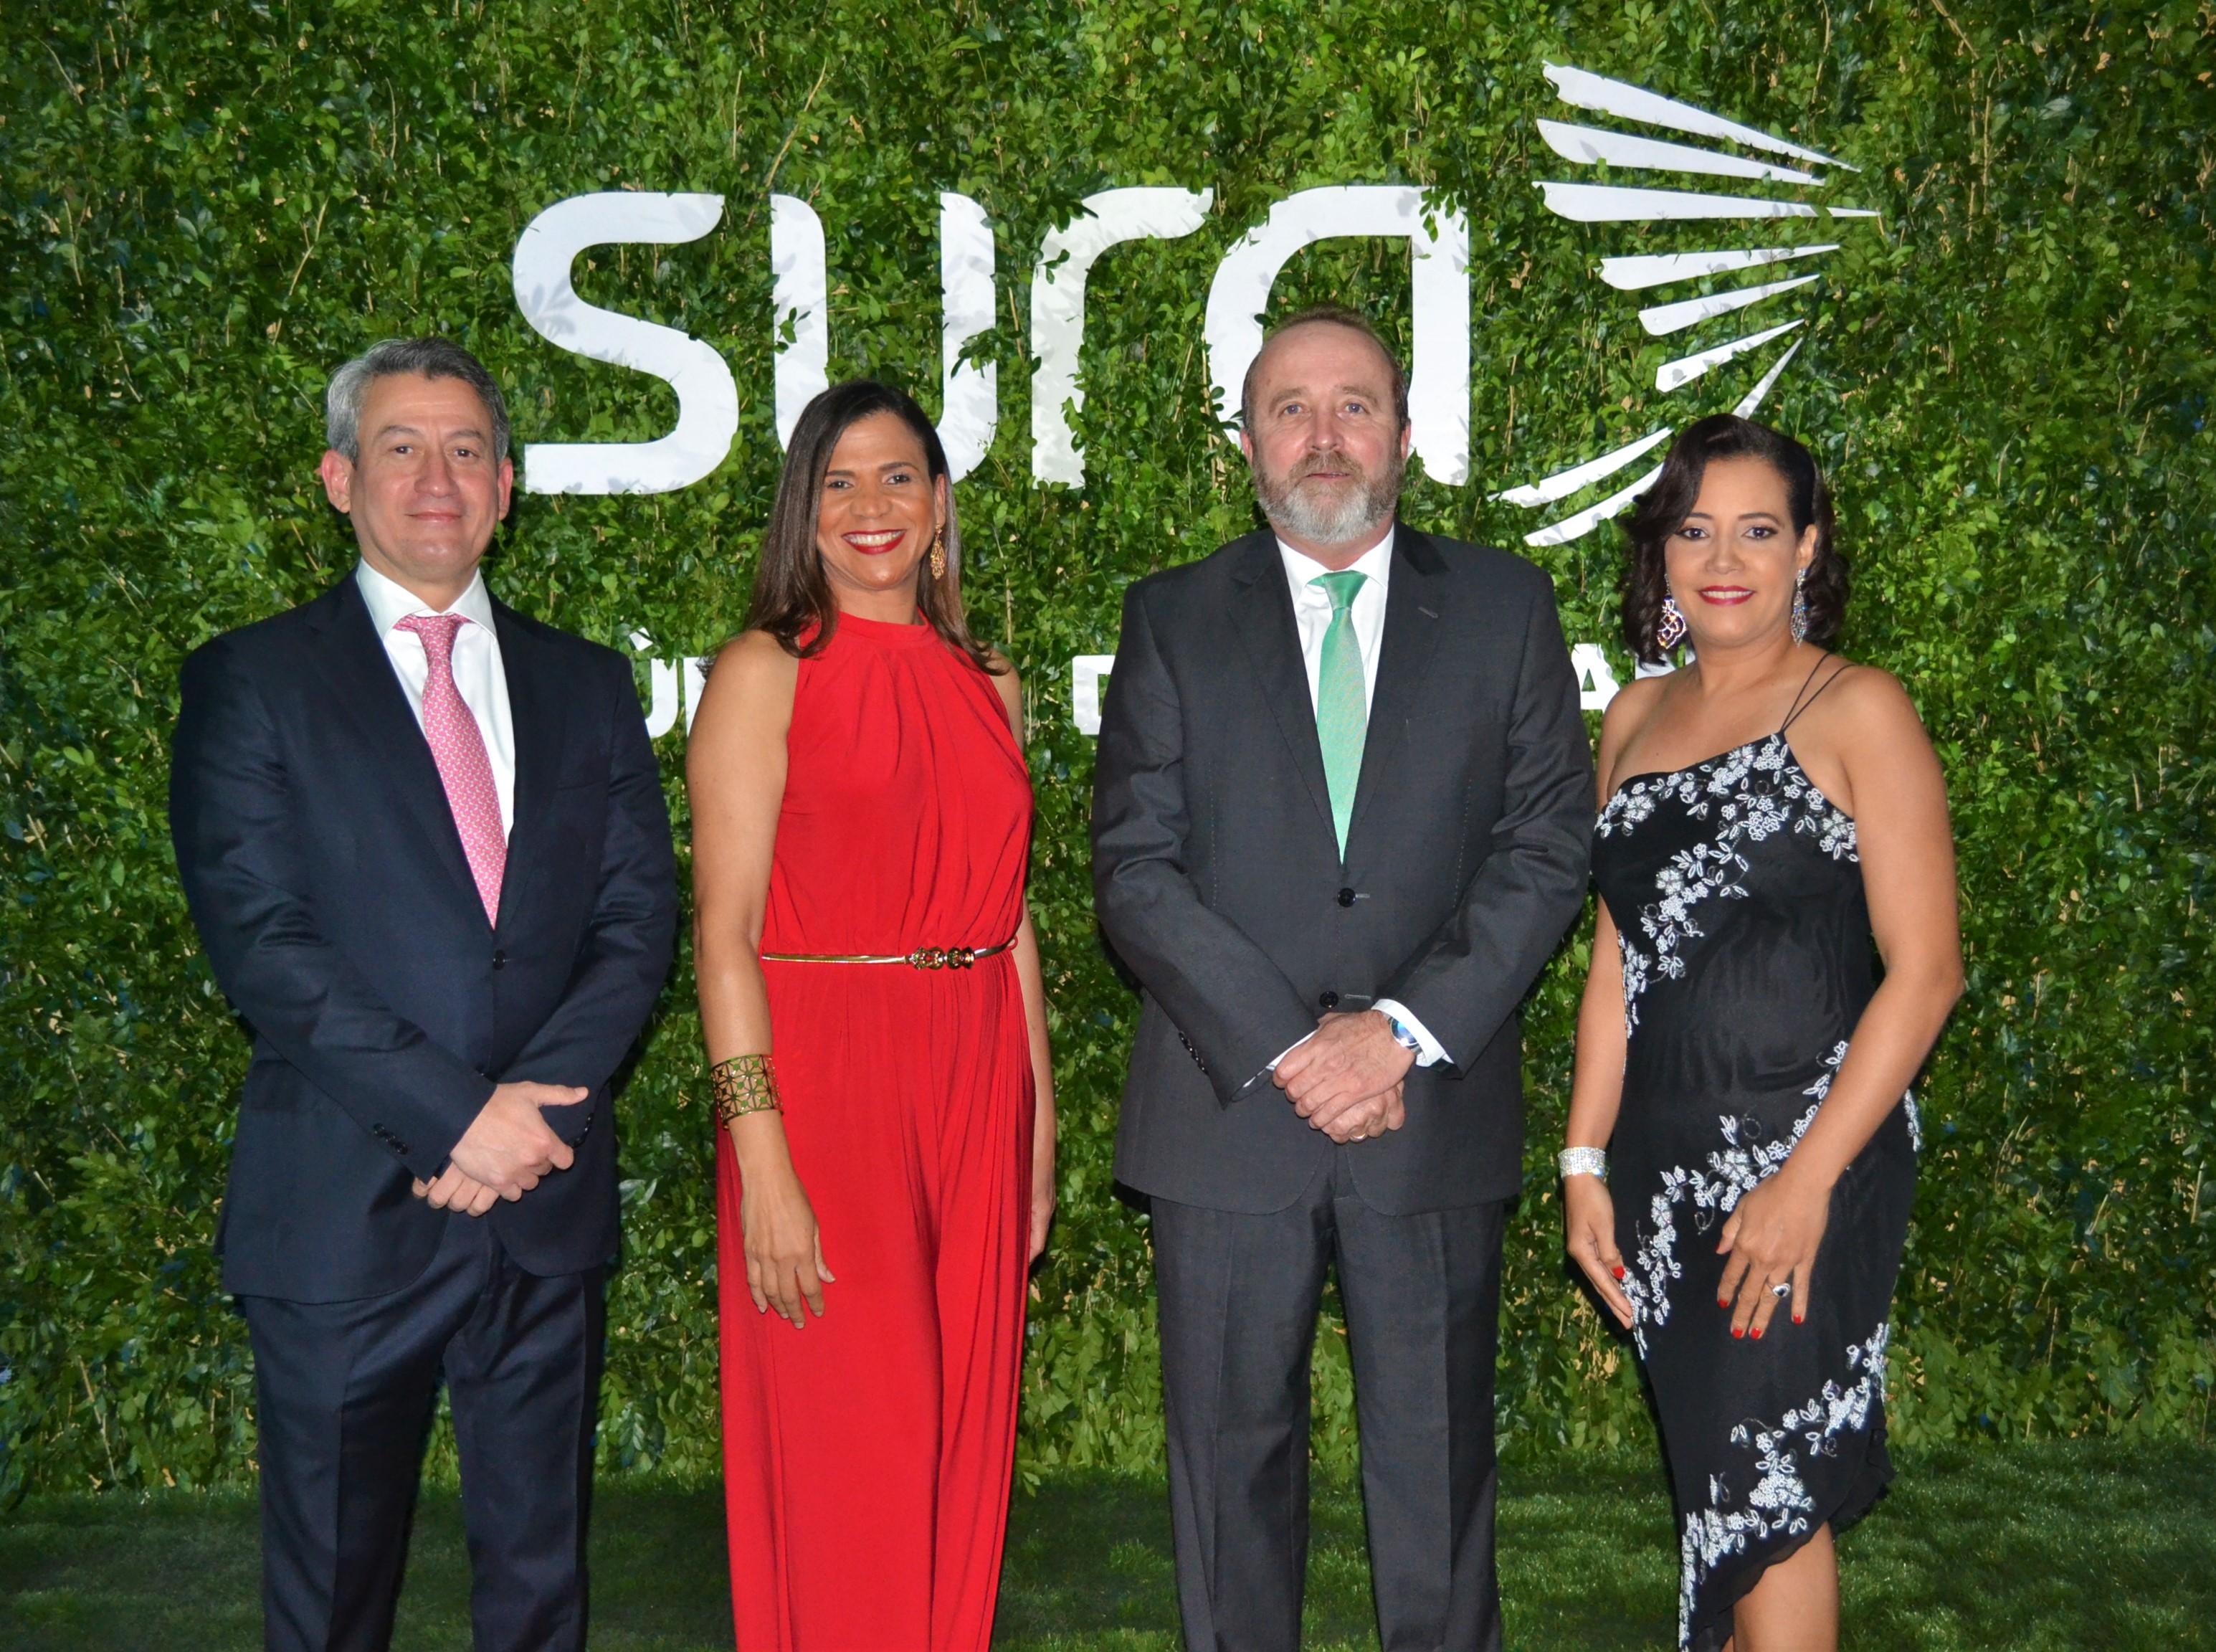 James García, Gina Jiménez, Carlos Alberto Ospina y Rosa Sandoval